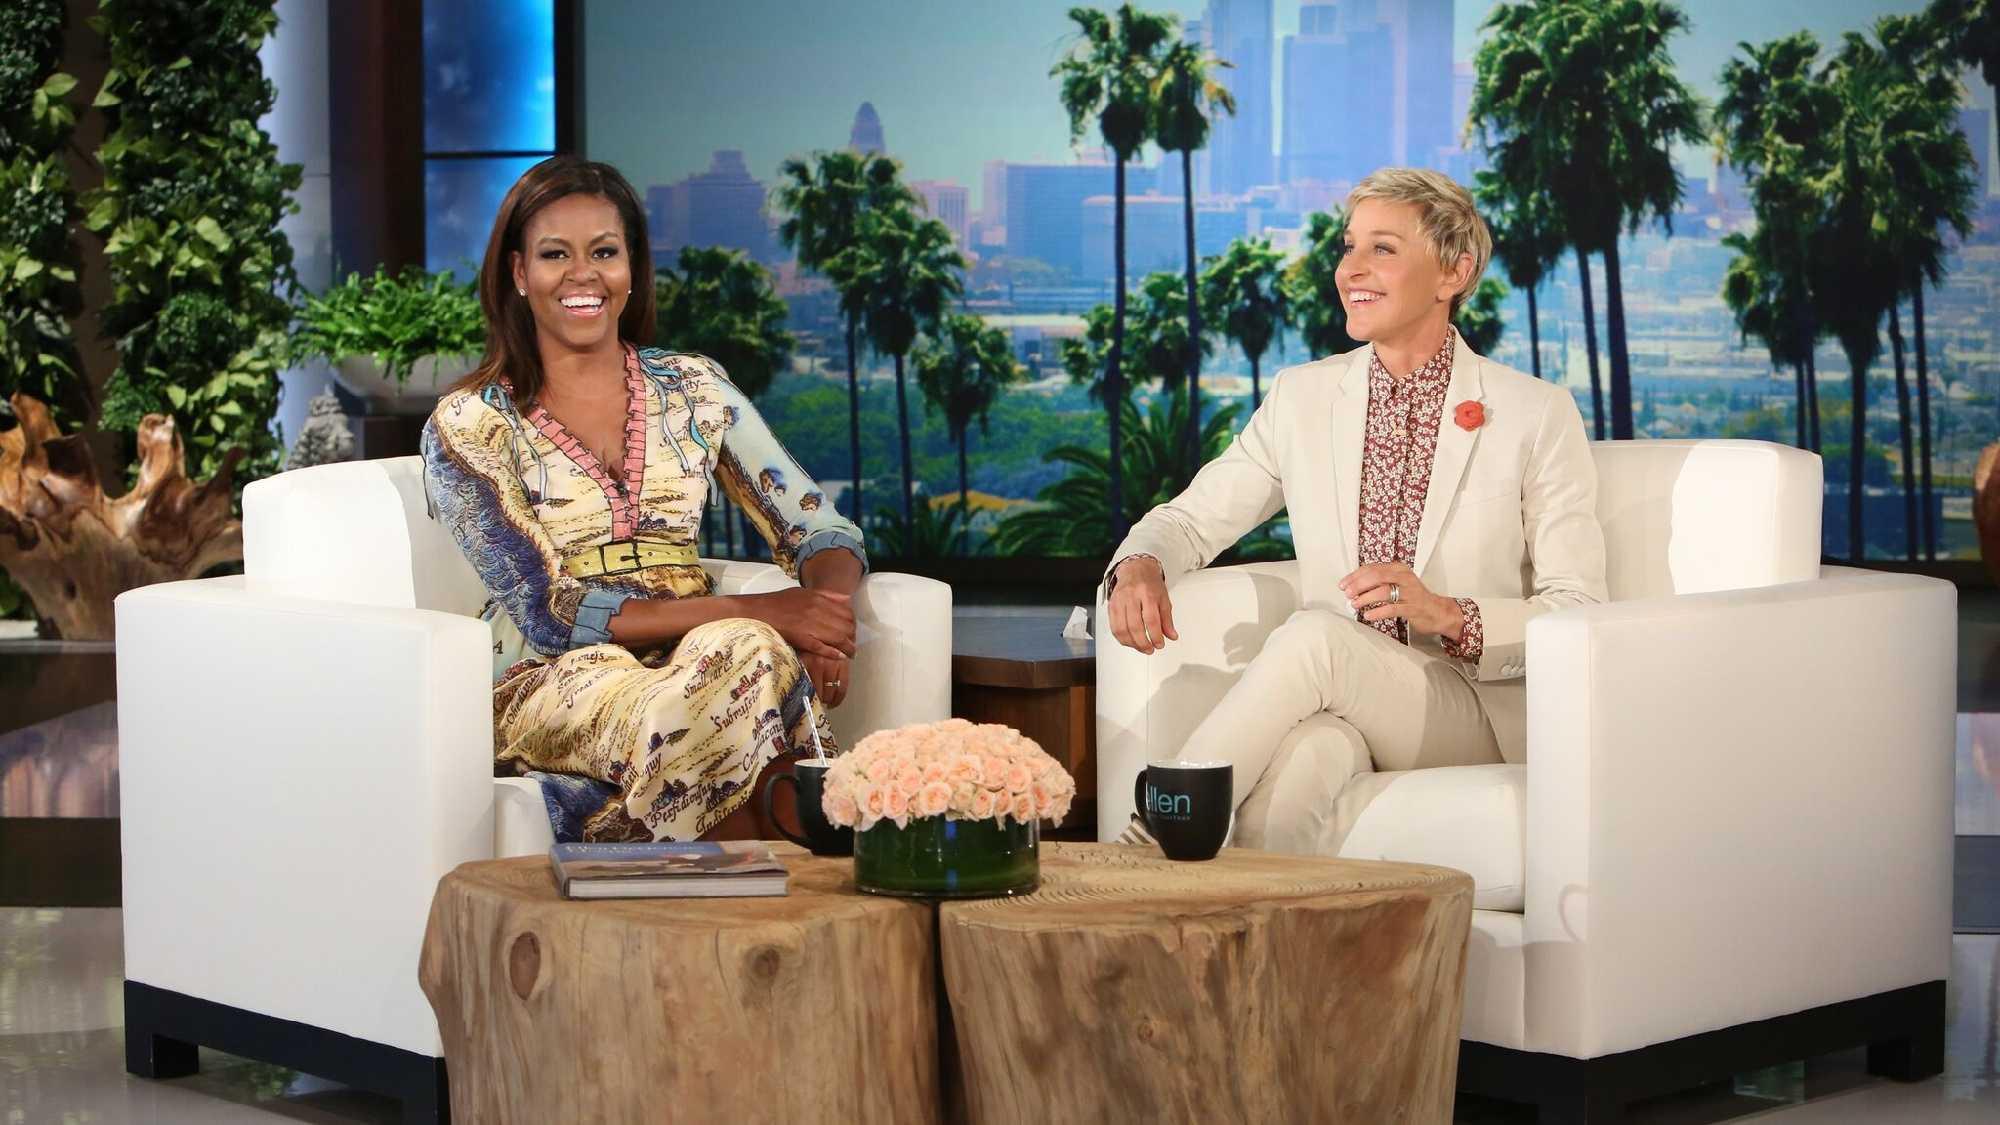 Michelle Obama on Ellen